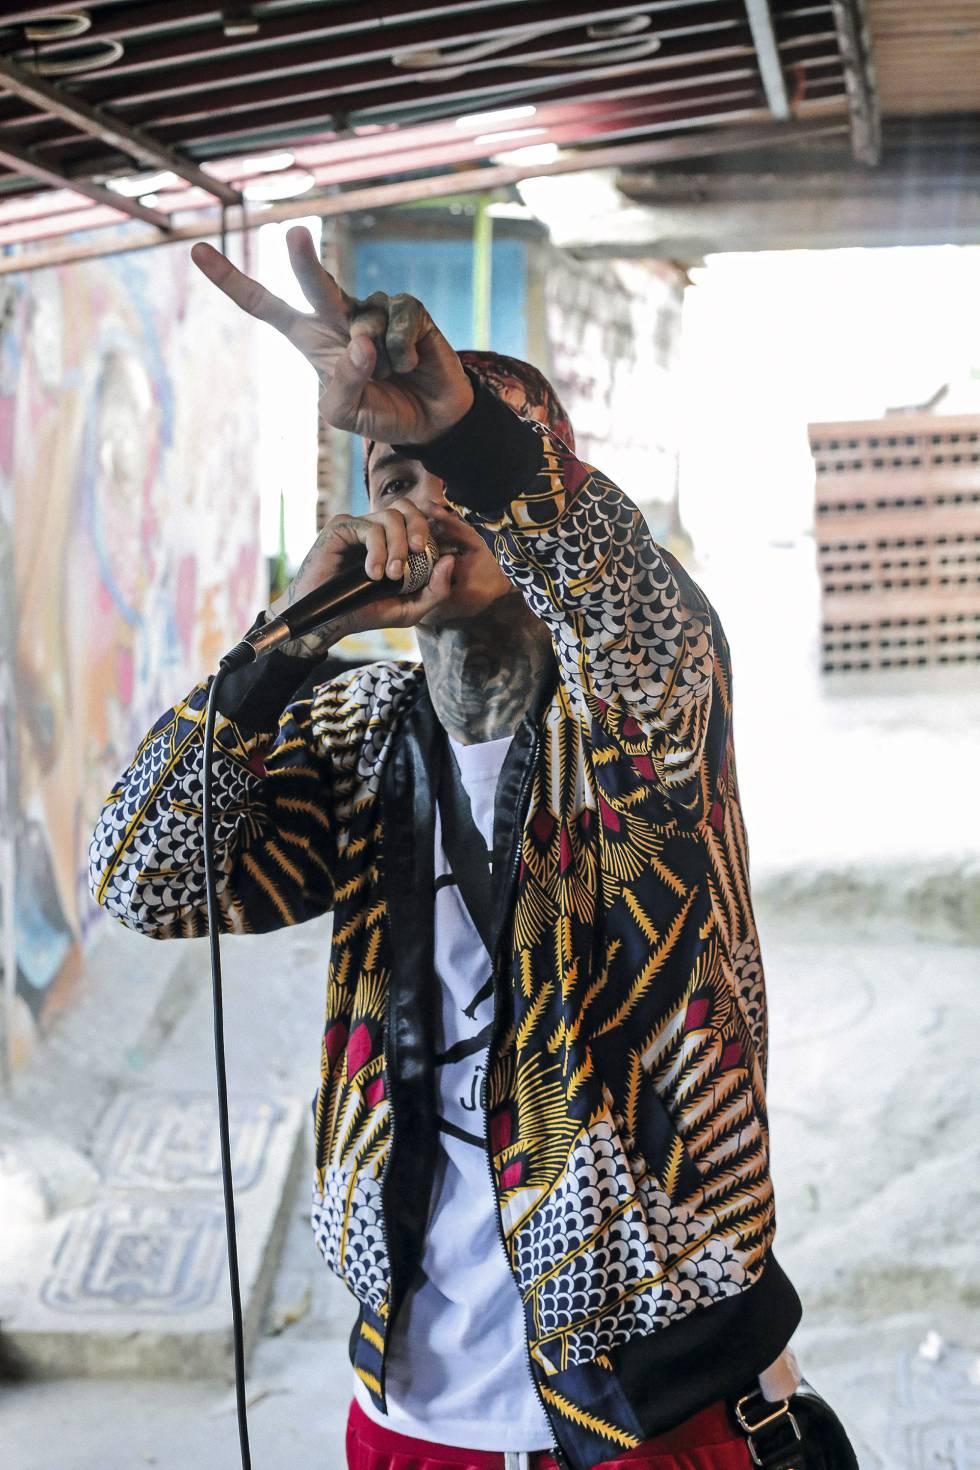 Un cantante de reguetón callejero en la Comuna 13 de Medellín.